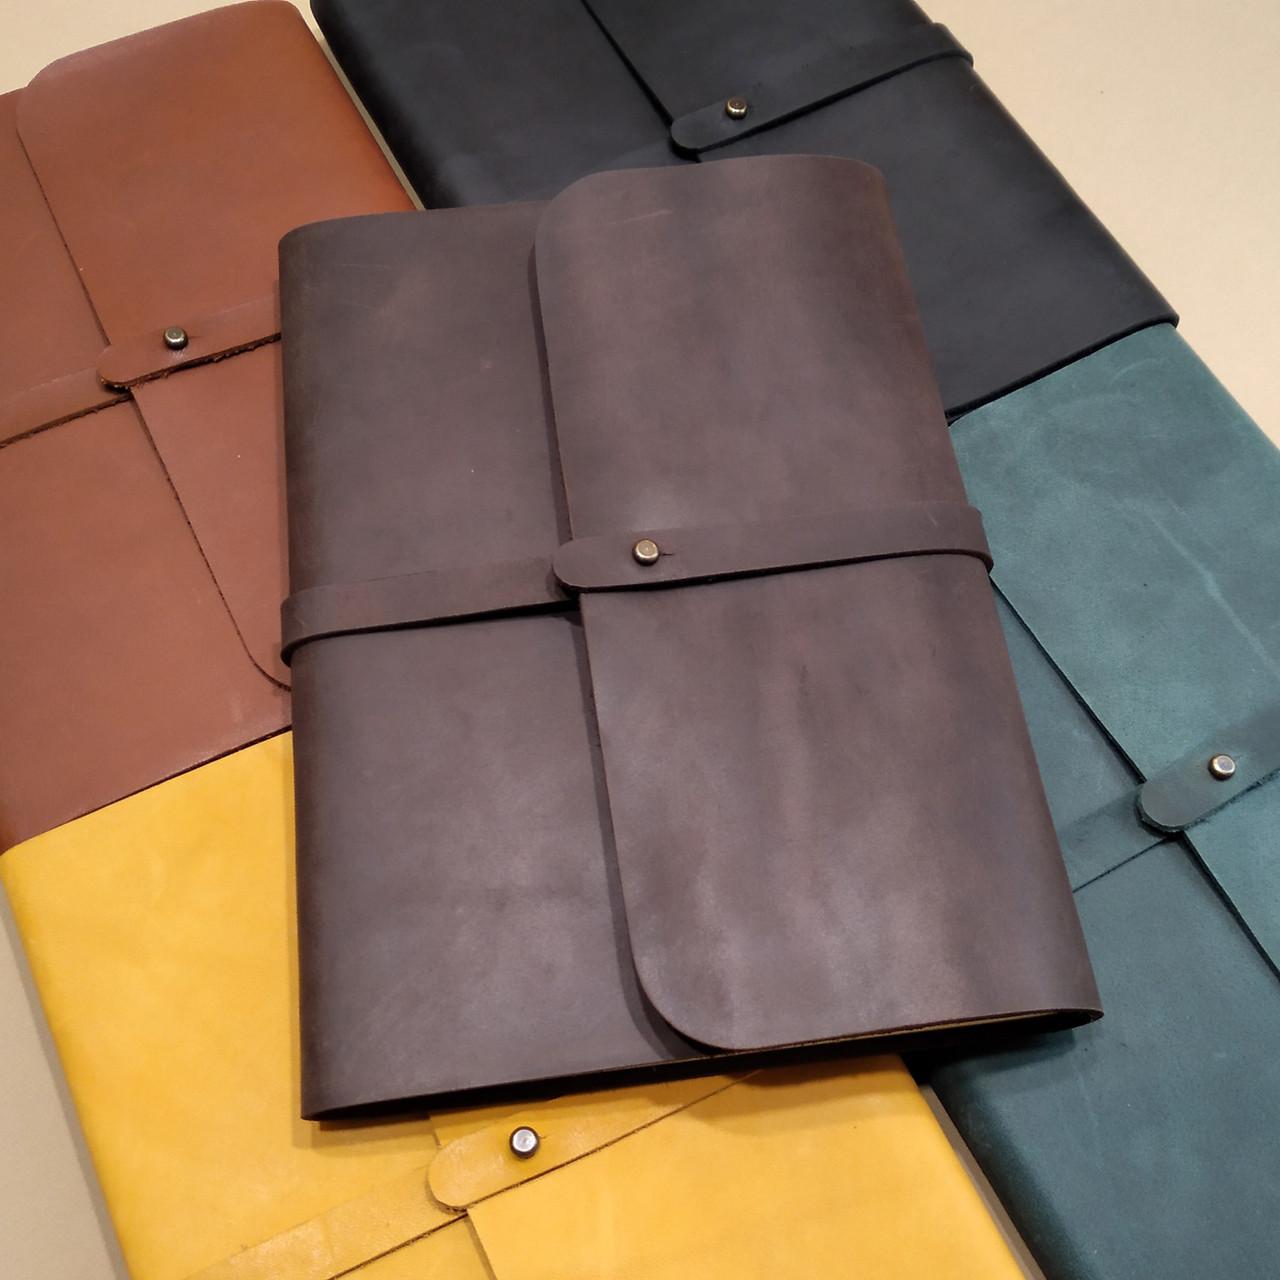 Софт-бук.Блокнот А5 в кожаной обложке ручной работы от мастерской Wood & Leather